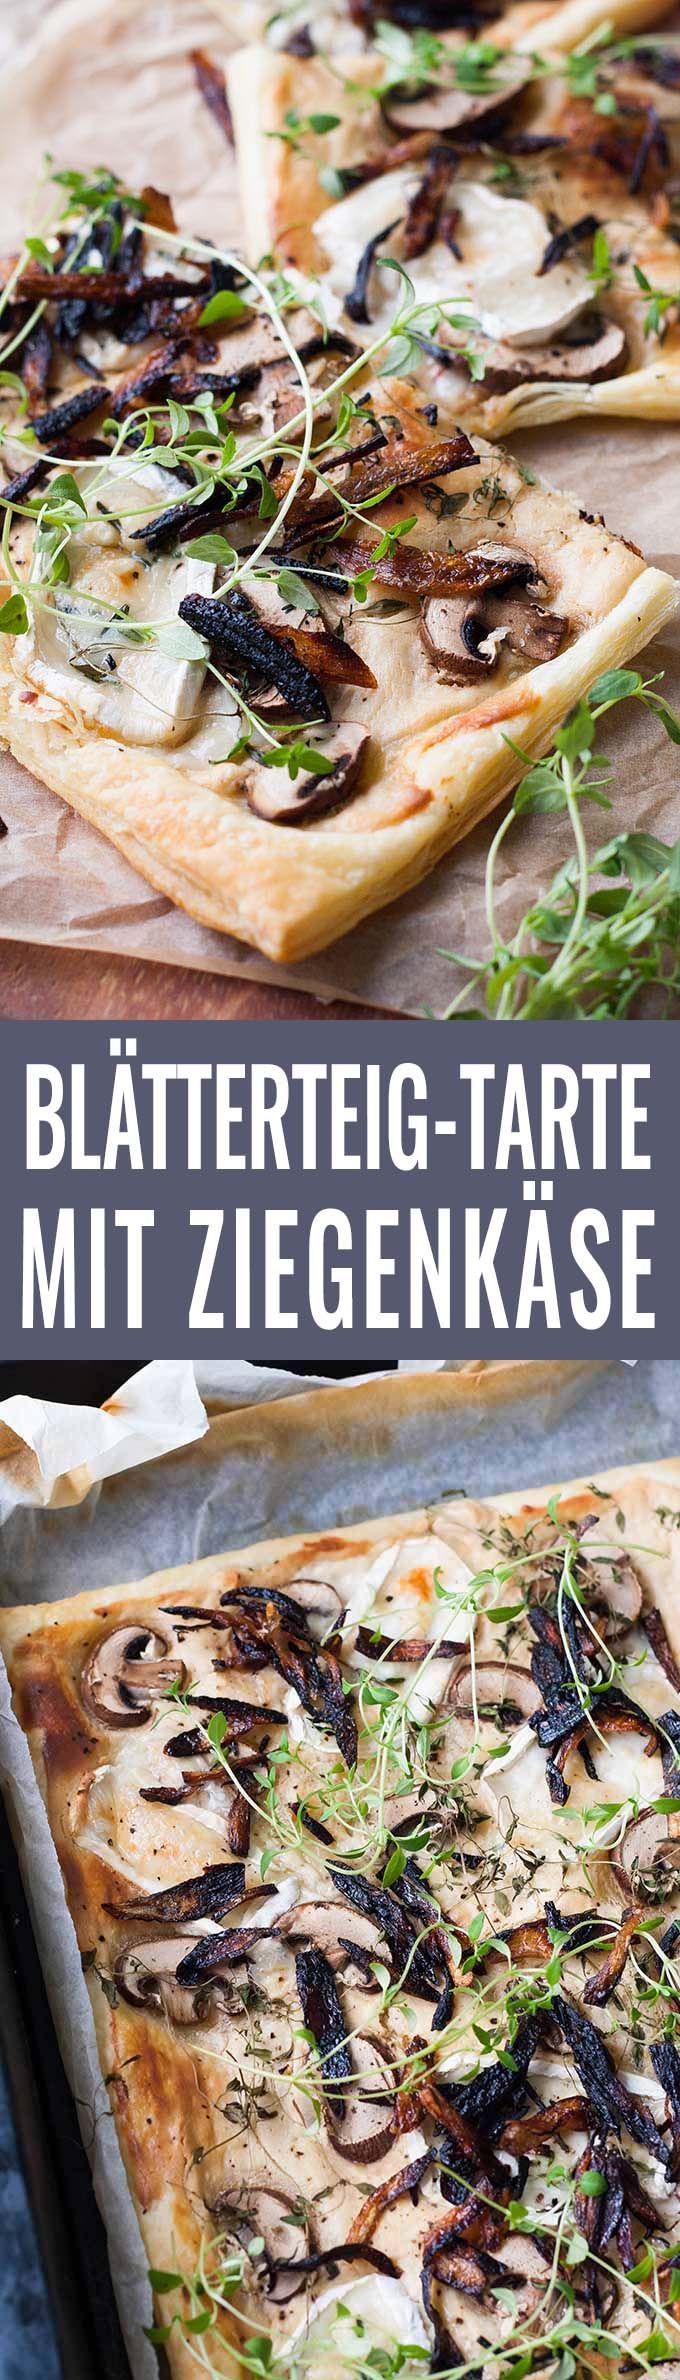 Blätterteig-Tarte mit Champignons und Ziegenkäse